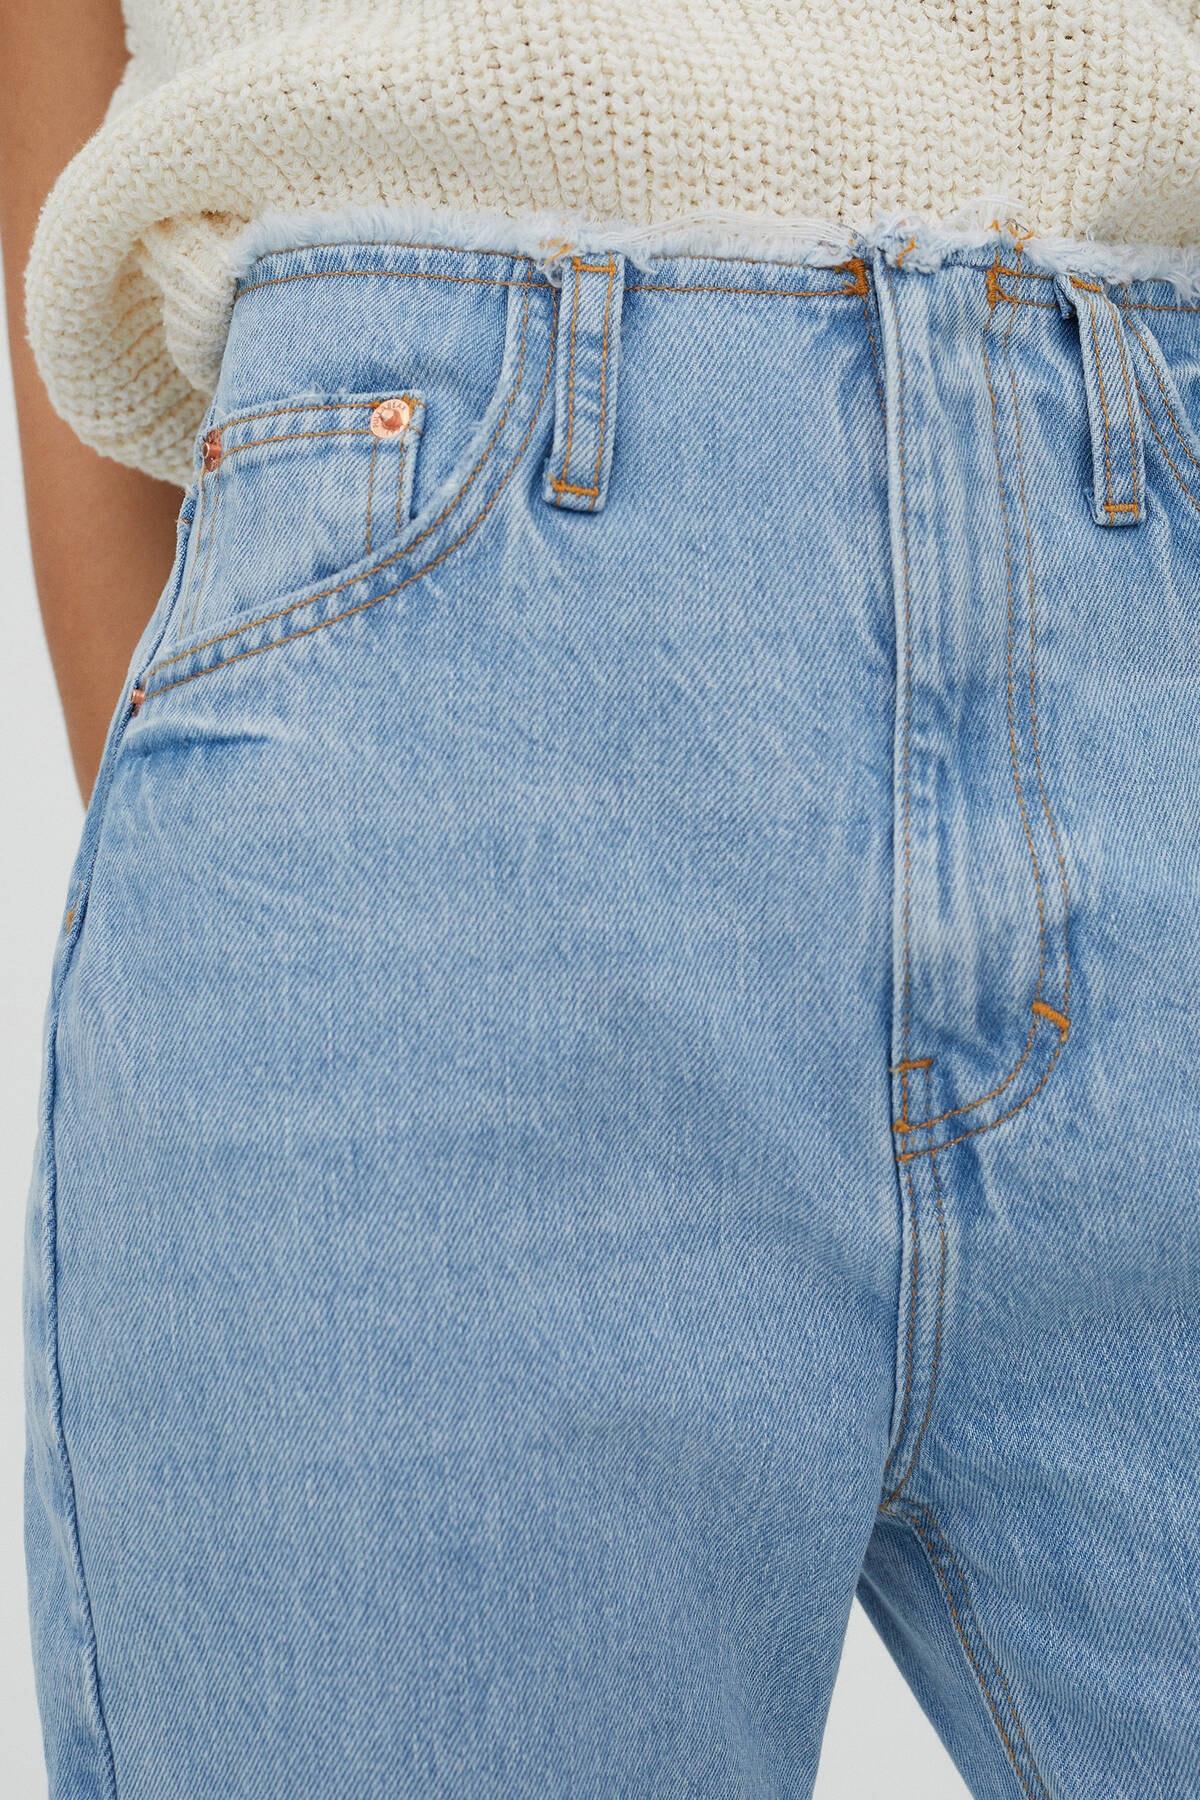 Pull & Bear Kadın Mavi Distressed Bel İspanyol Paça Jean 04681335 1